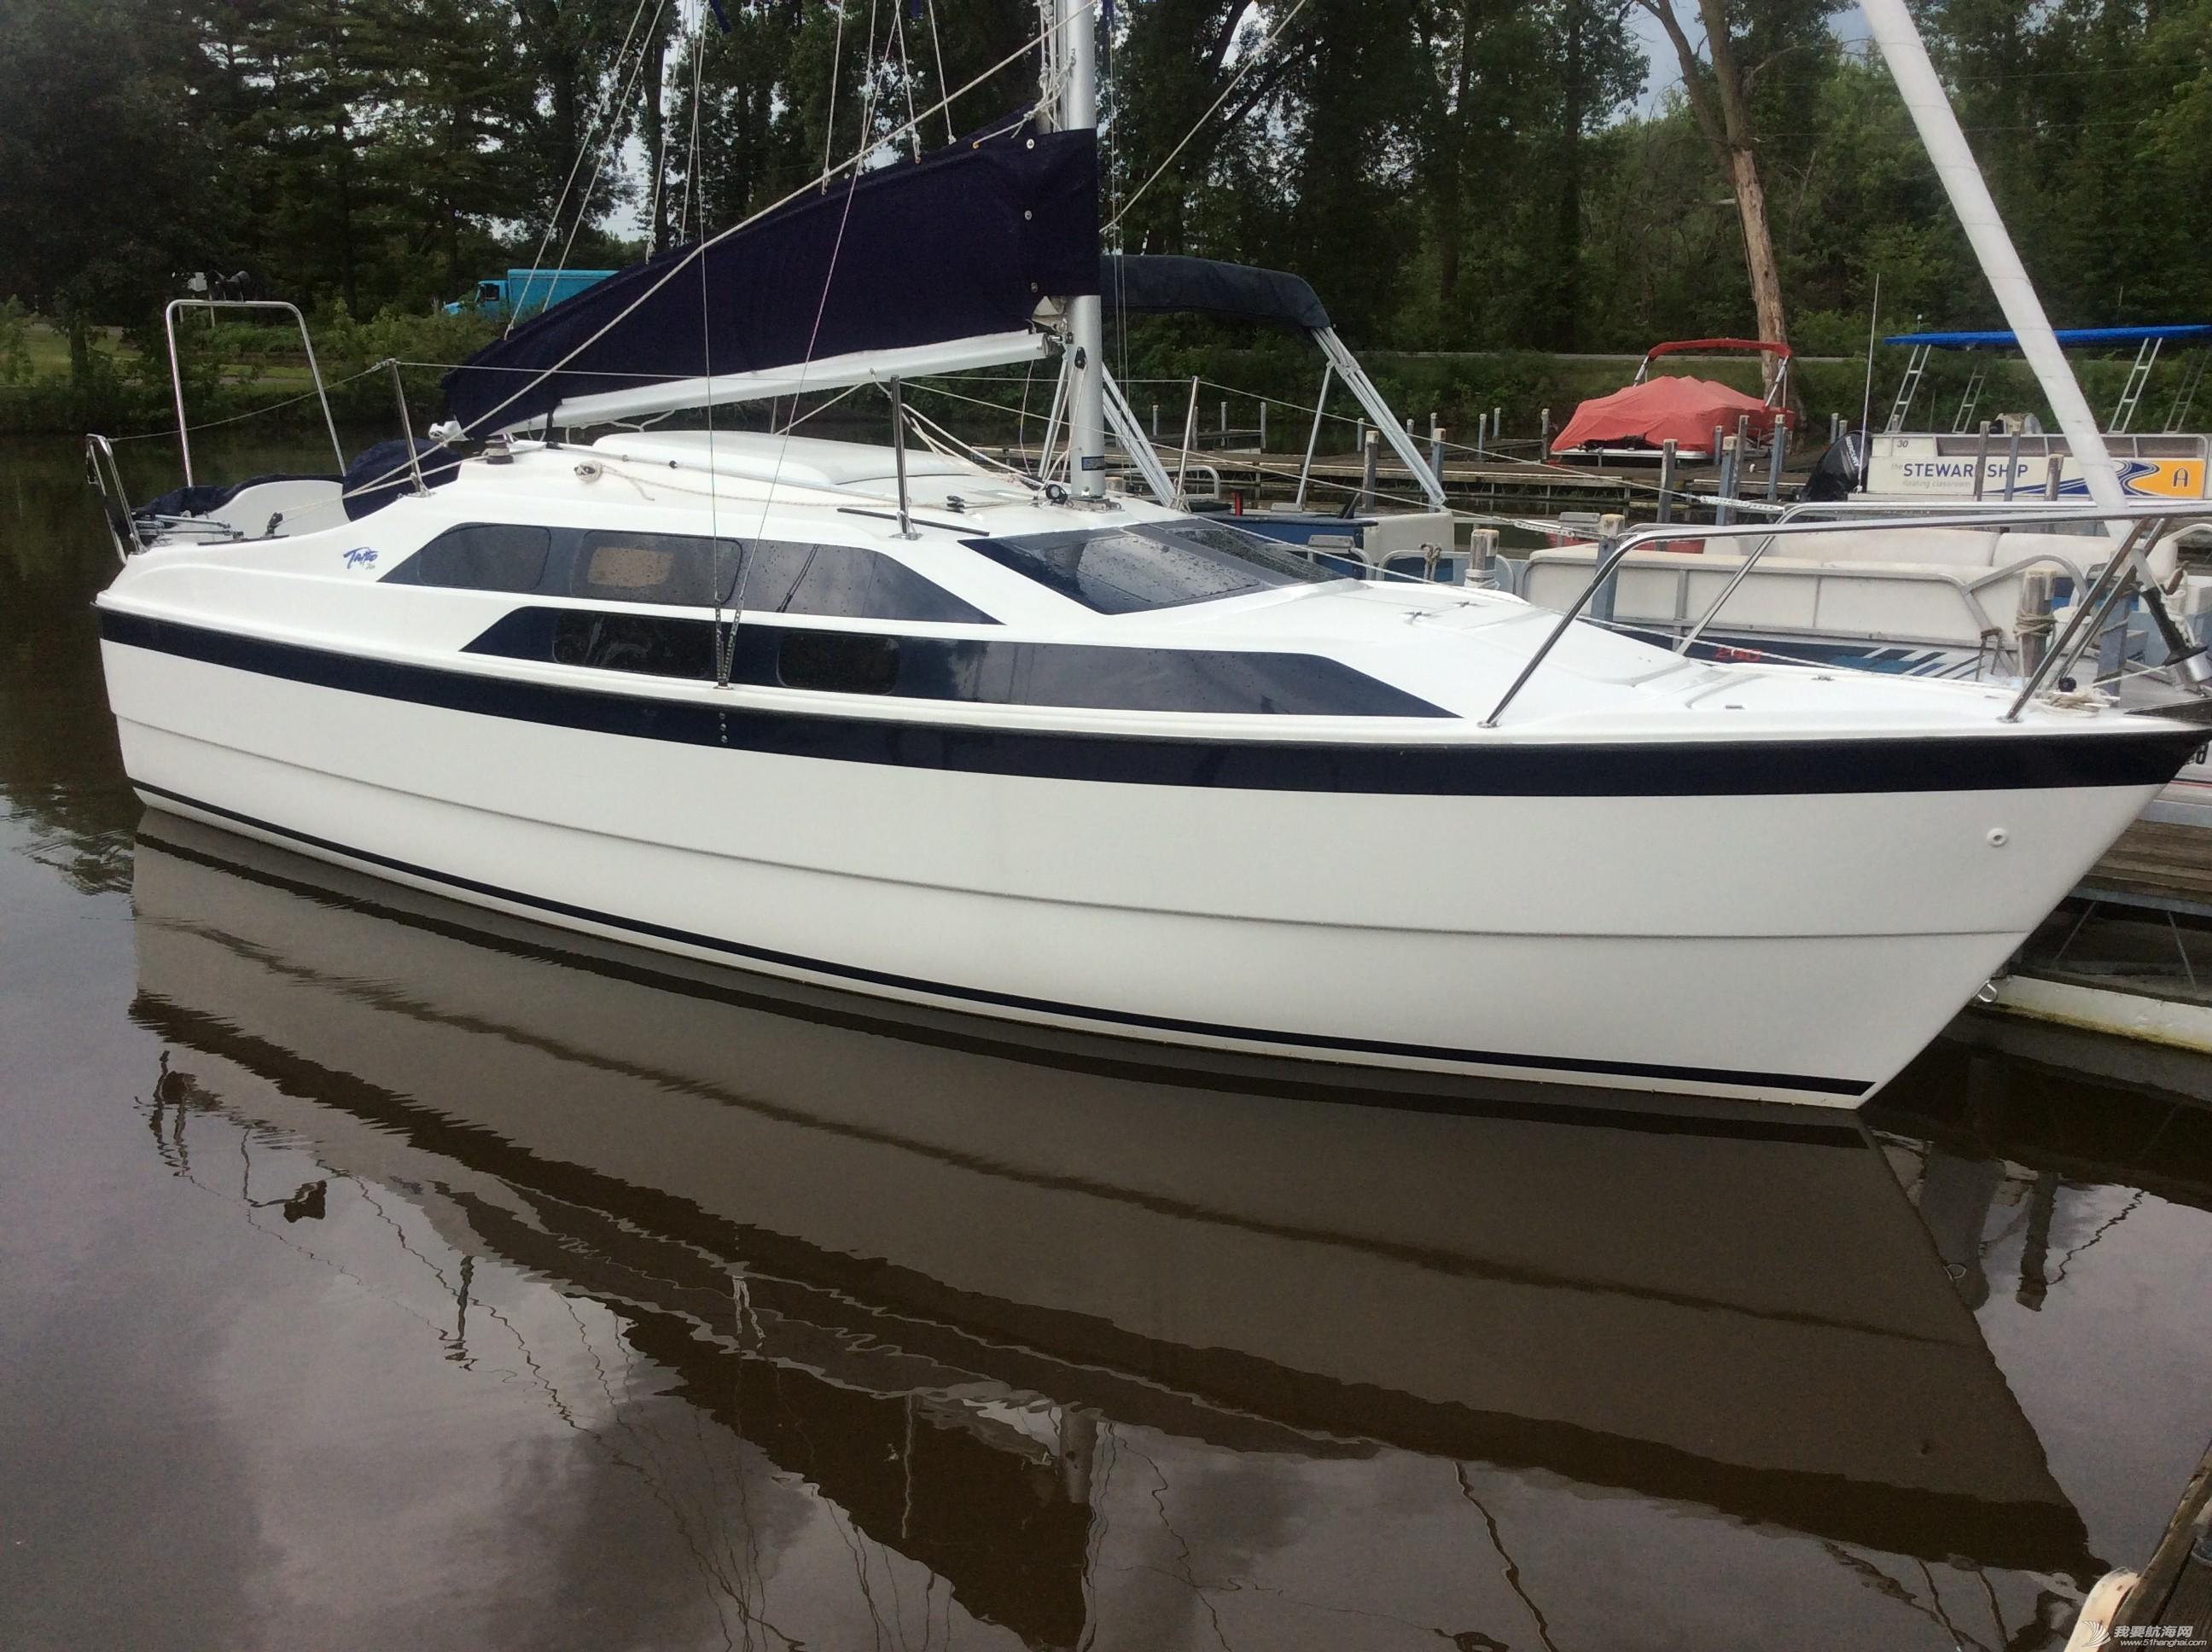 美国,便宜,帆船,进口 低价出售美国原装全新机帆两用帆船美贵格MacGregor26 Tattoo1.jpg